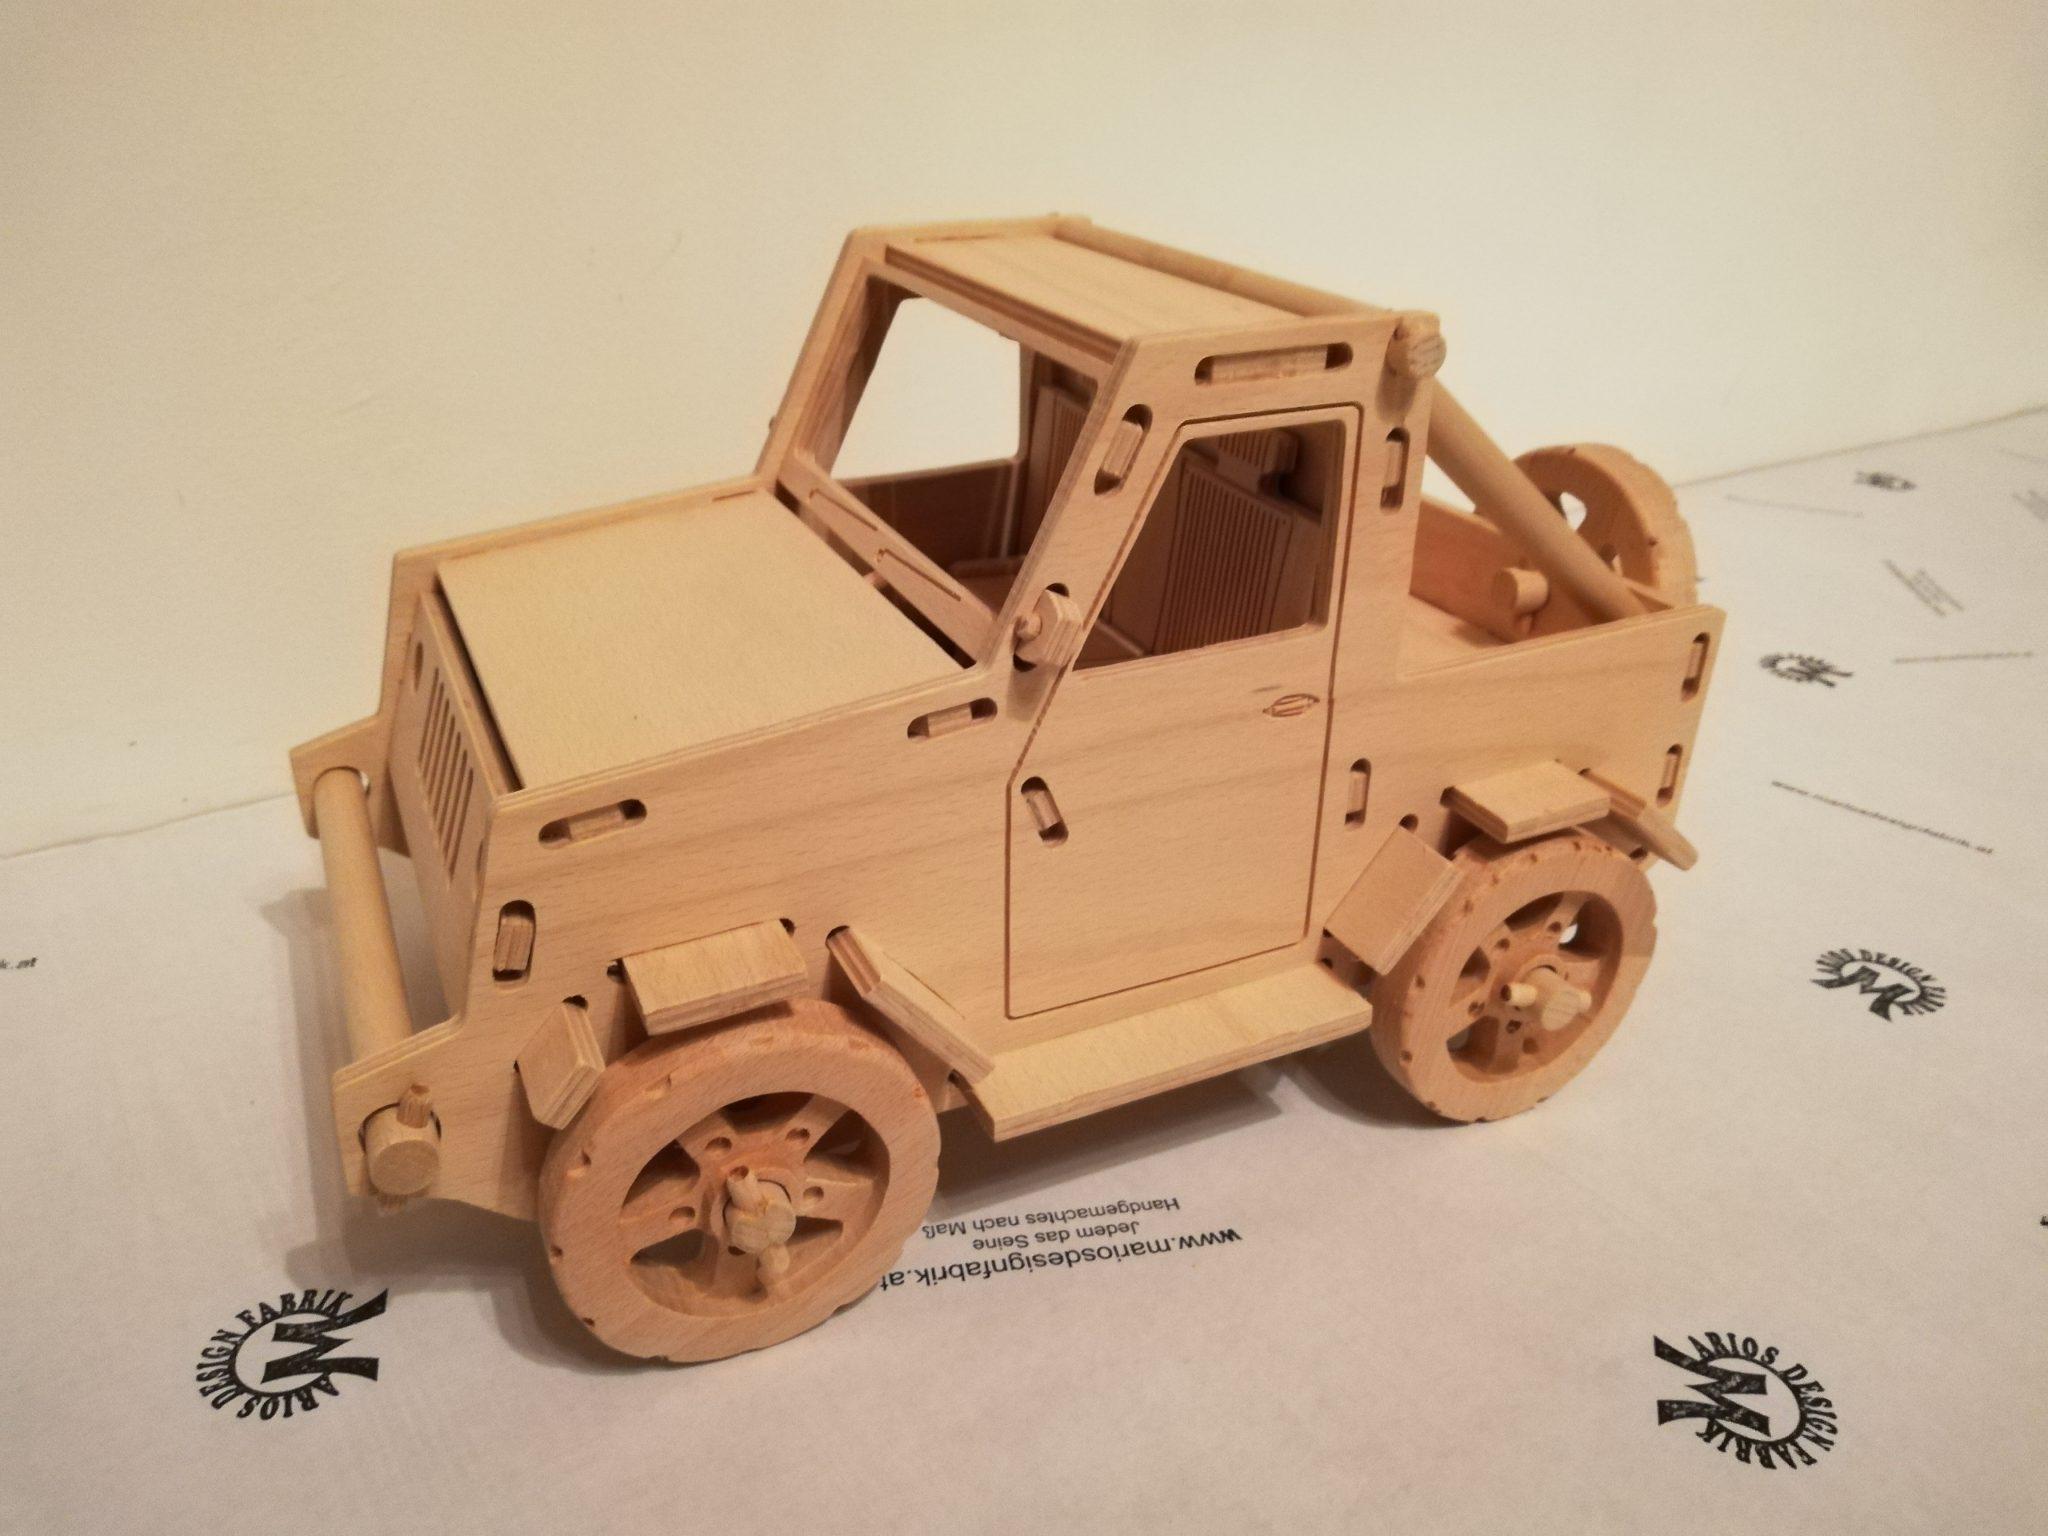 Fahrzeug Spielzeug aus Holz Design Jeep Wrangler